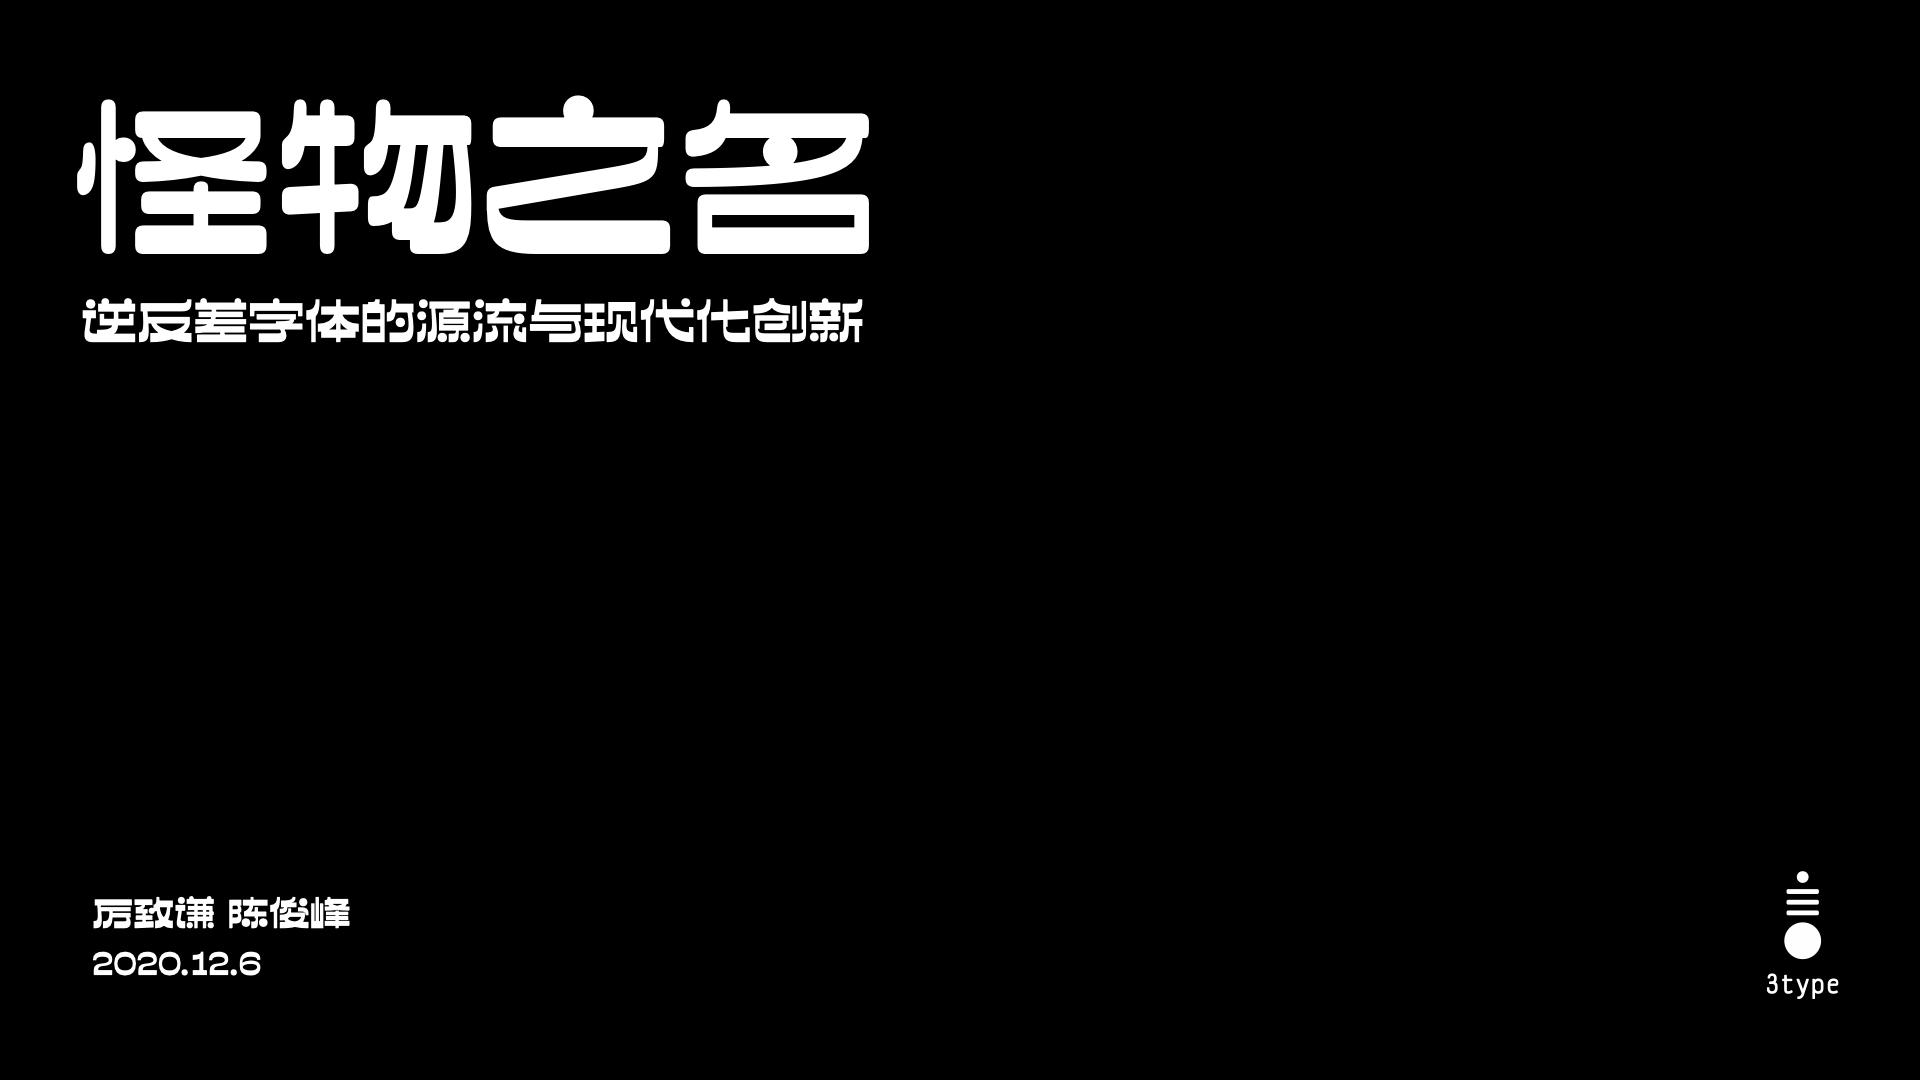 https://ft-bk1.oss-cn-zhangjiakou.aliyuncs.com/Public/Uploads/img/n_content_20201210110551_4264.jpeg